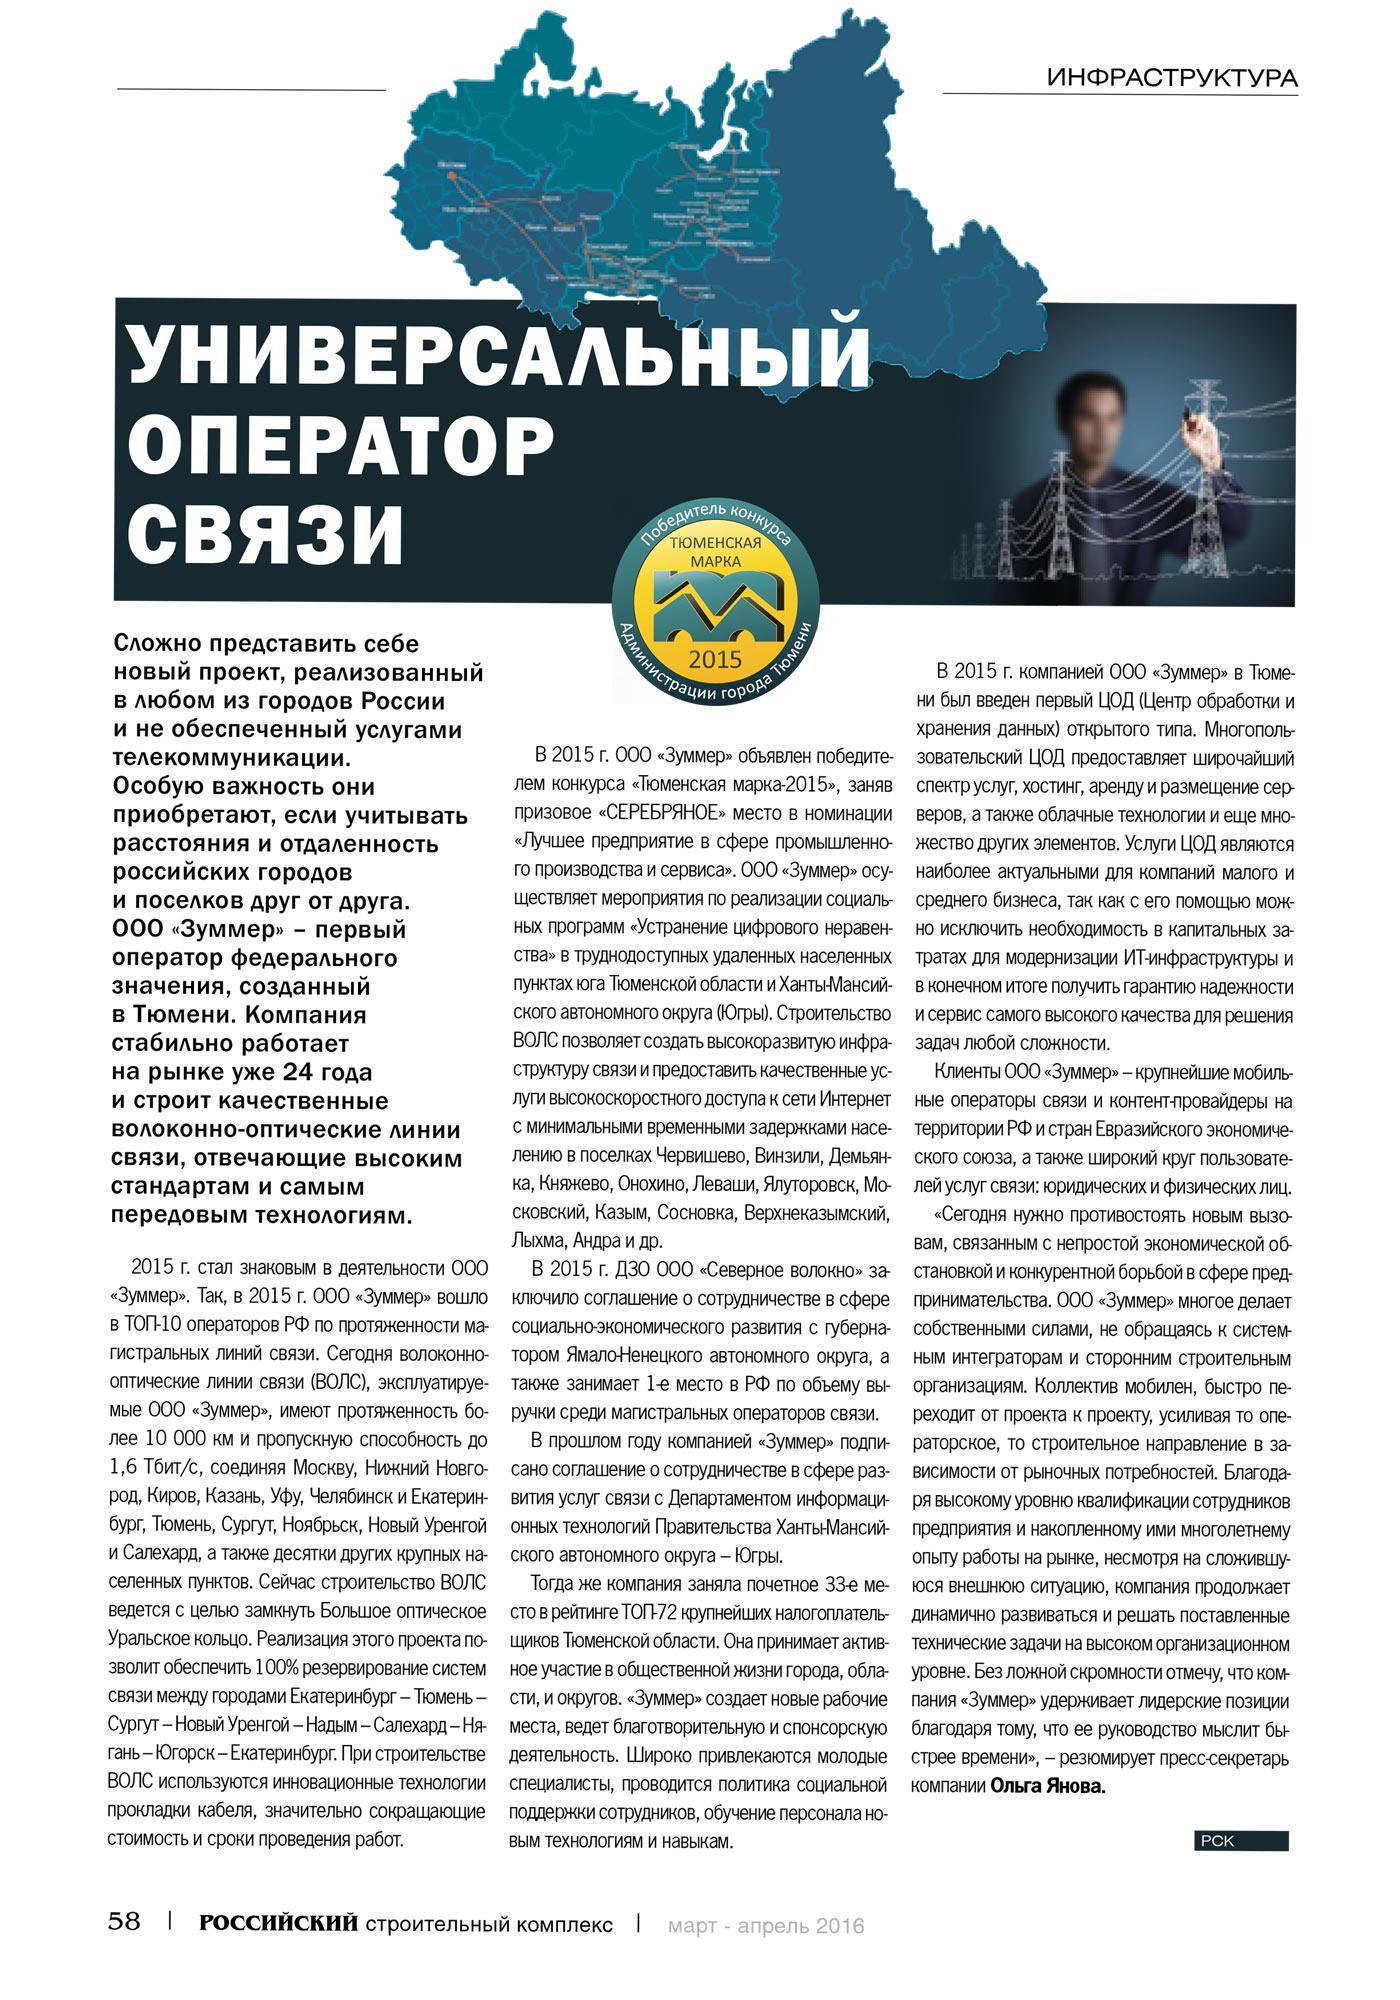 Российский строительный комплекс. Универсальный оператор связи. Стр. 58